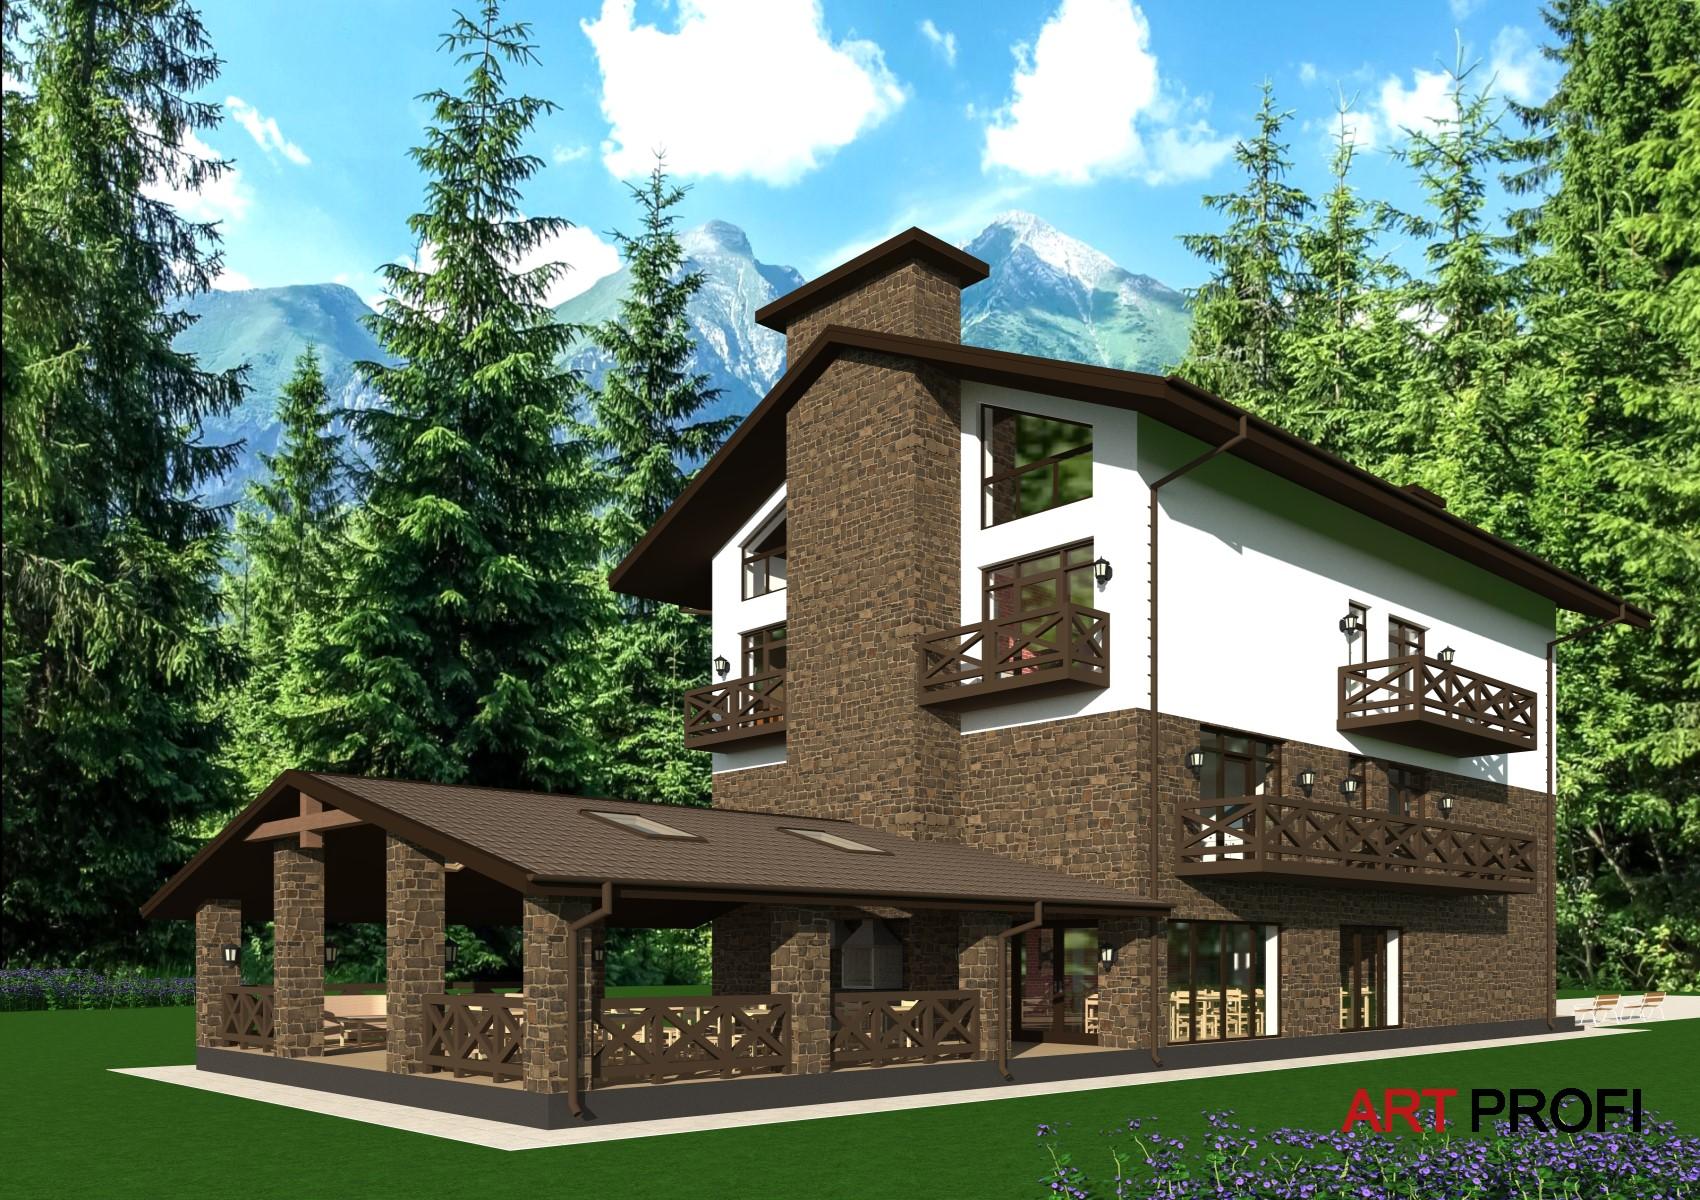 Проекты домов и коттеджей. Проект гостевого доиа.